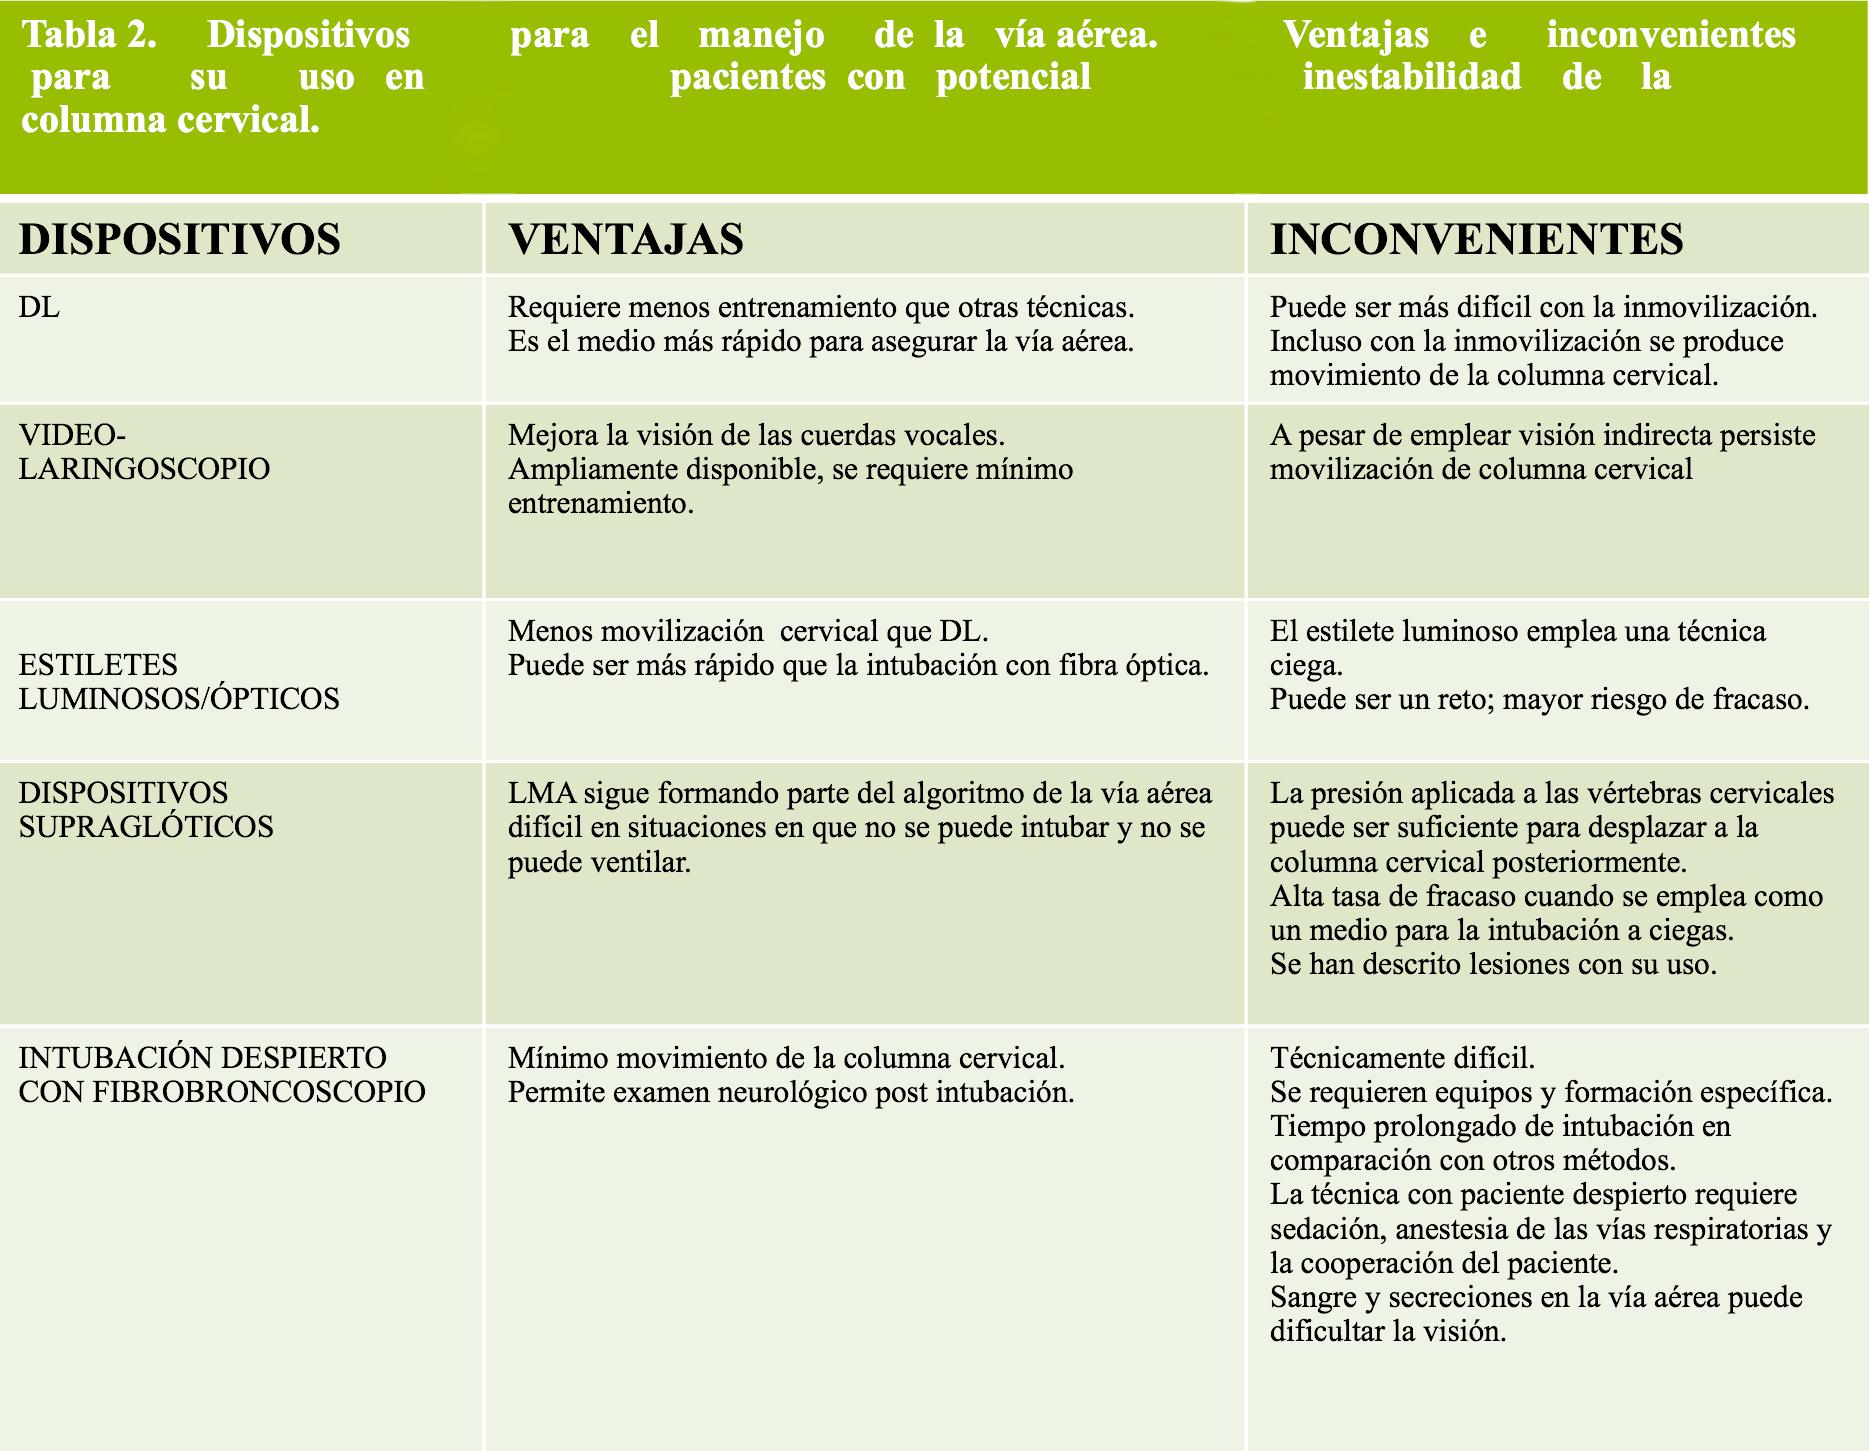 Tabla 2 - dispositivos opticos usados en el manejo de la inestabilidad cervical.